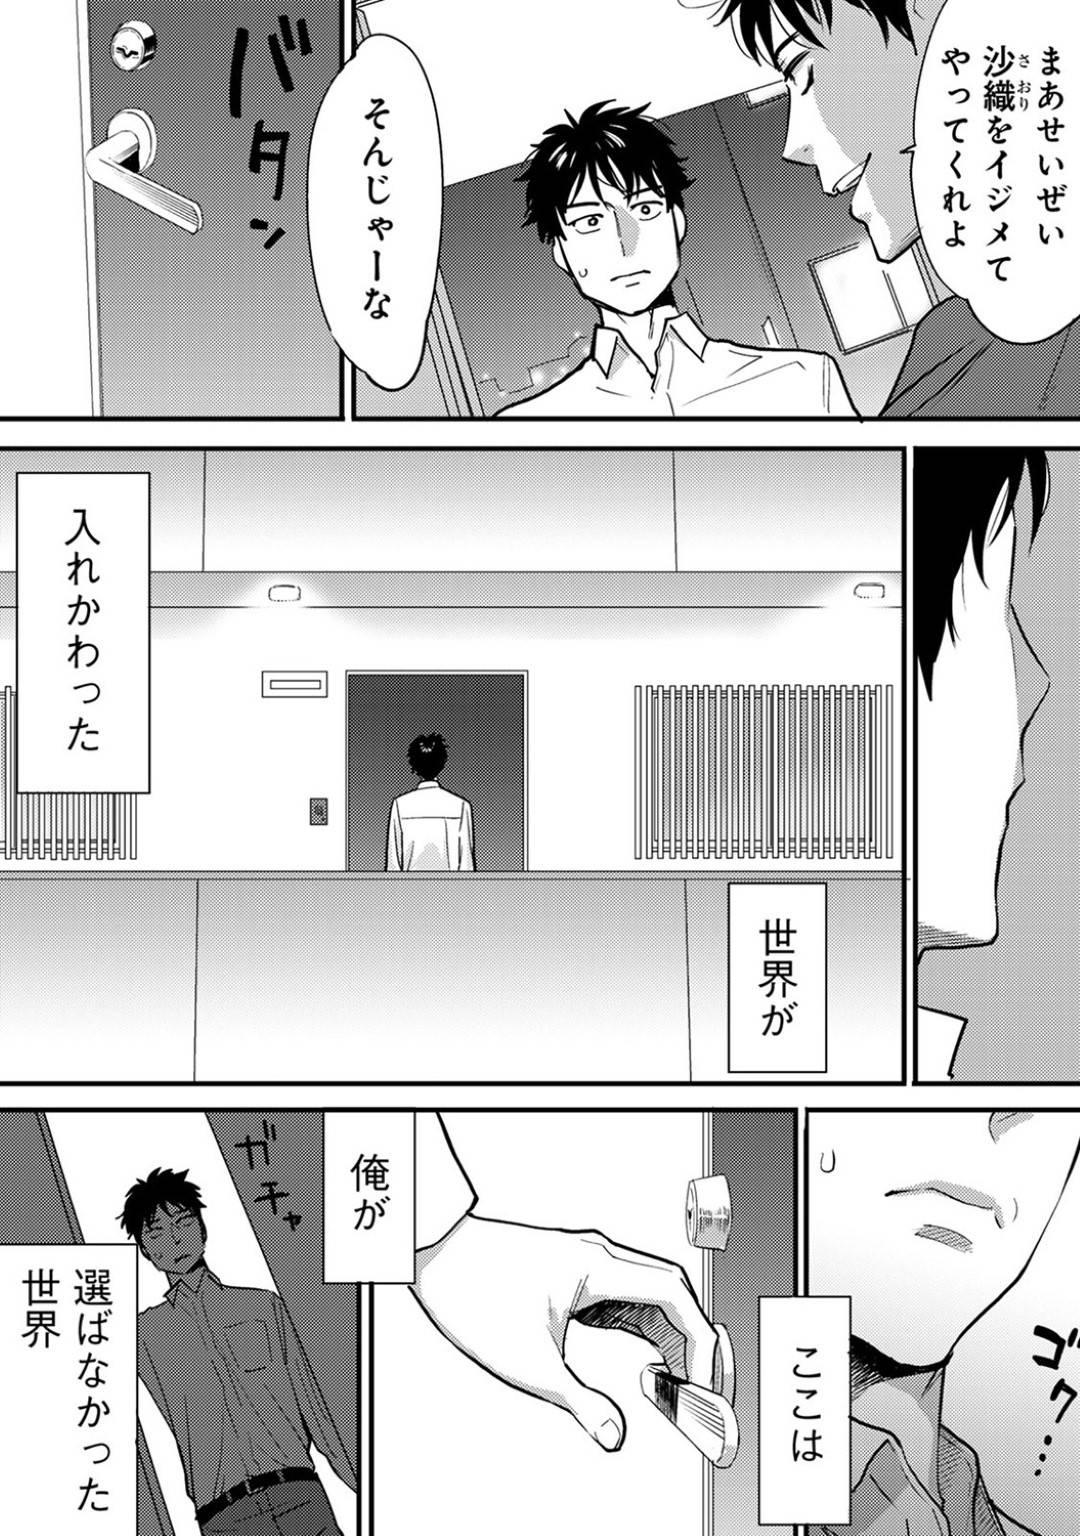 桂あいり 漫画 エロ コウカン